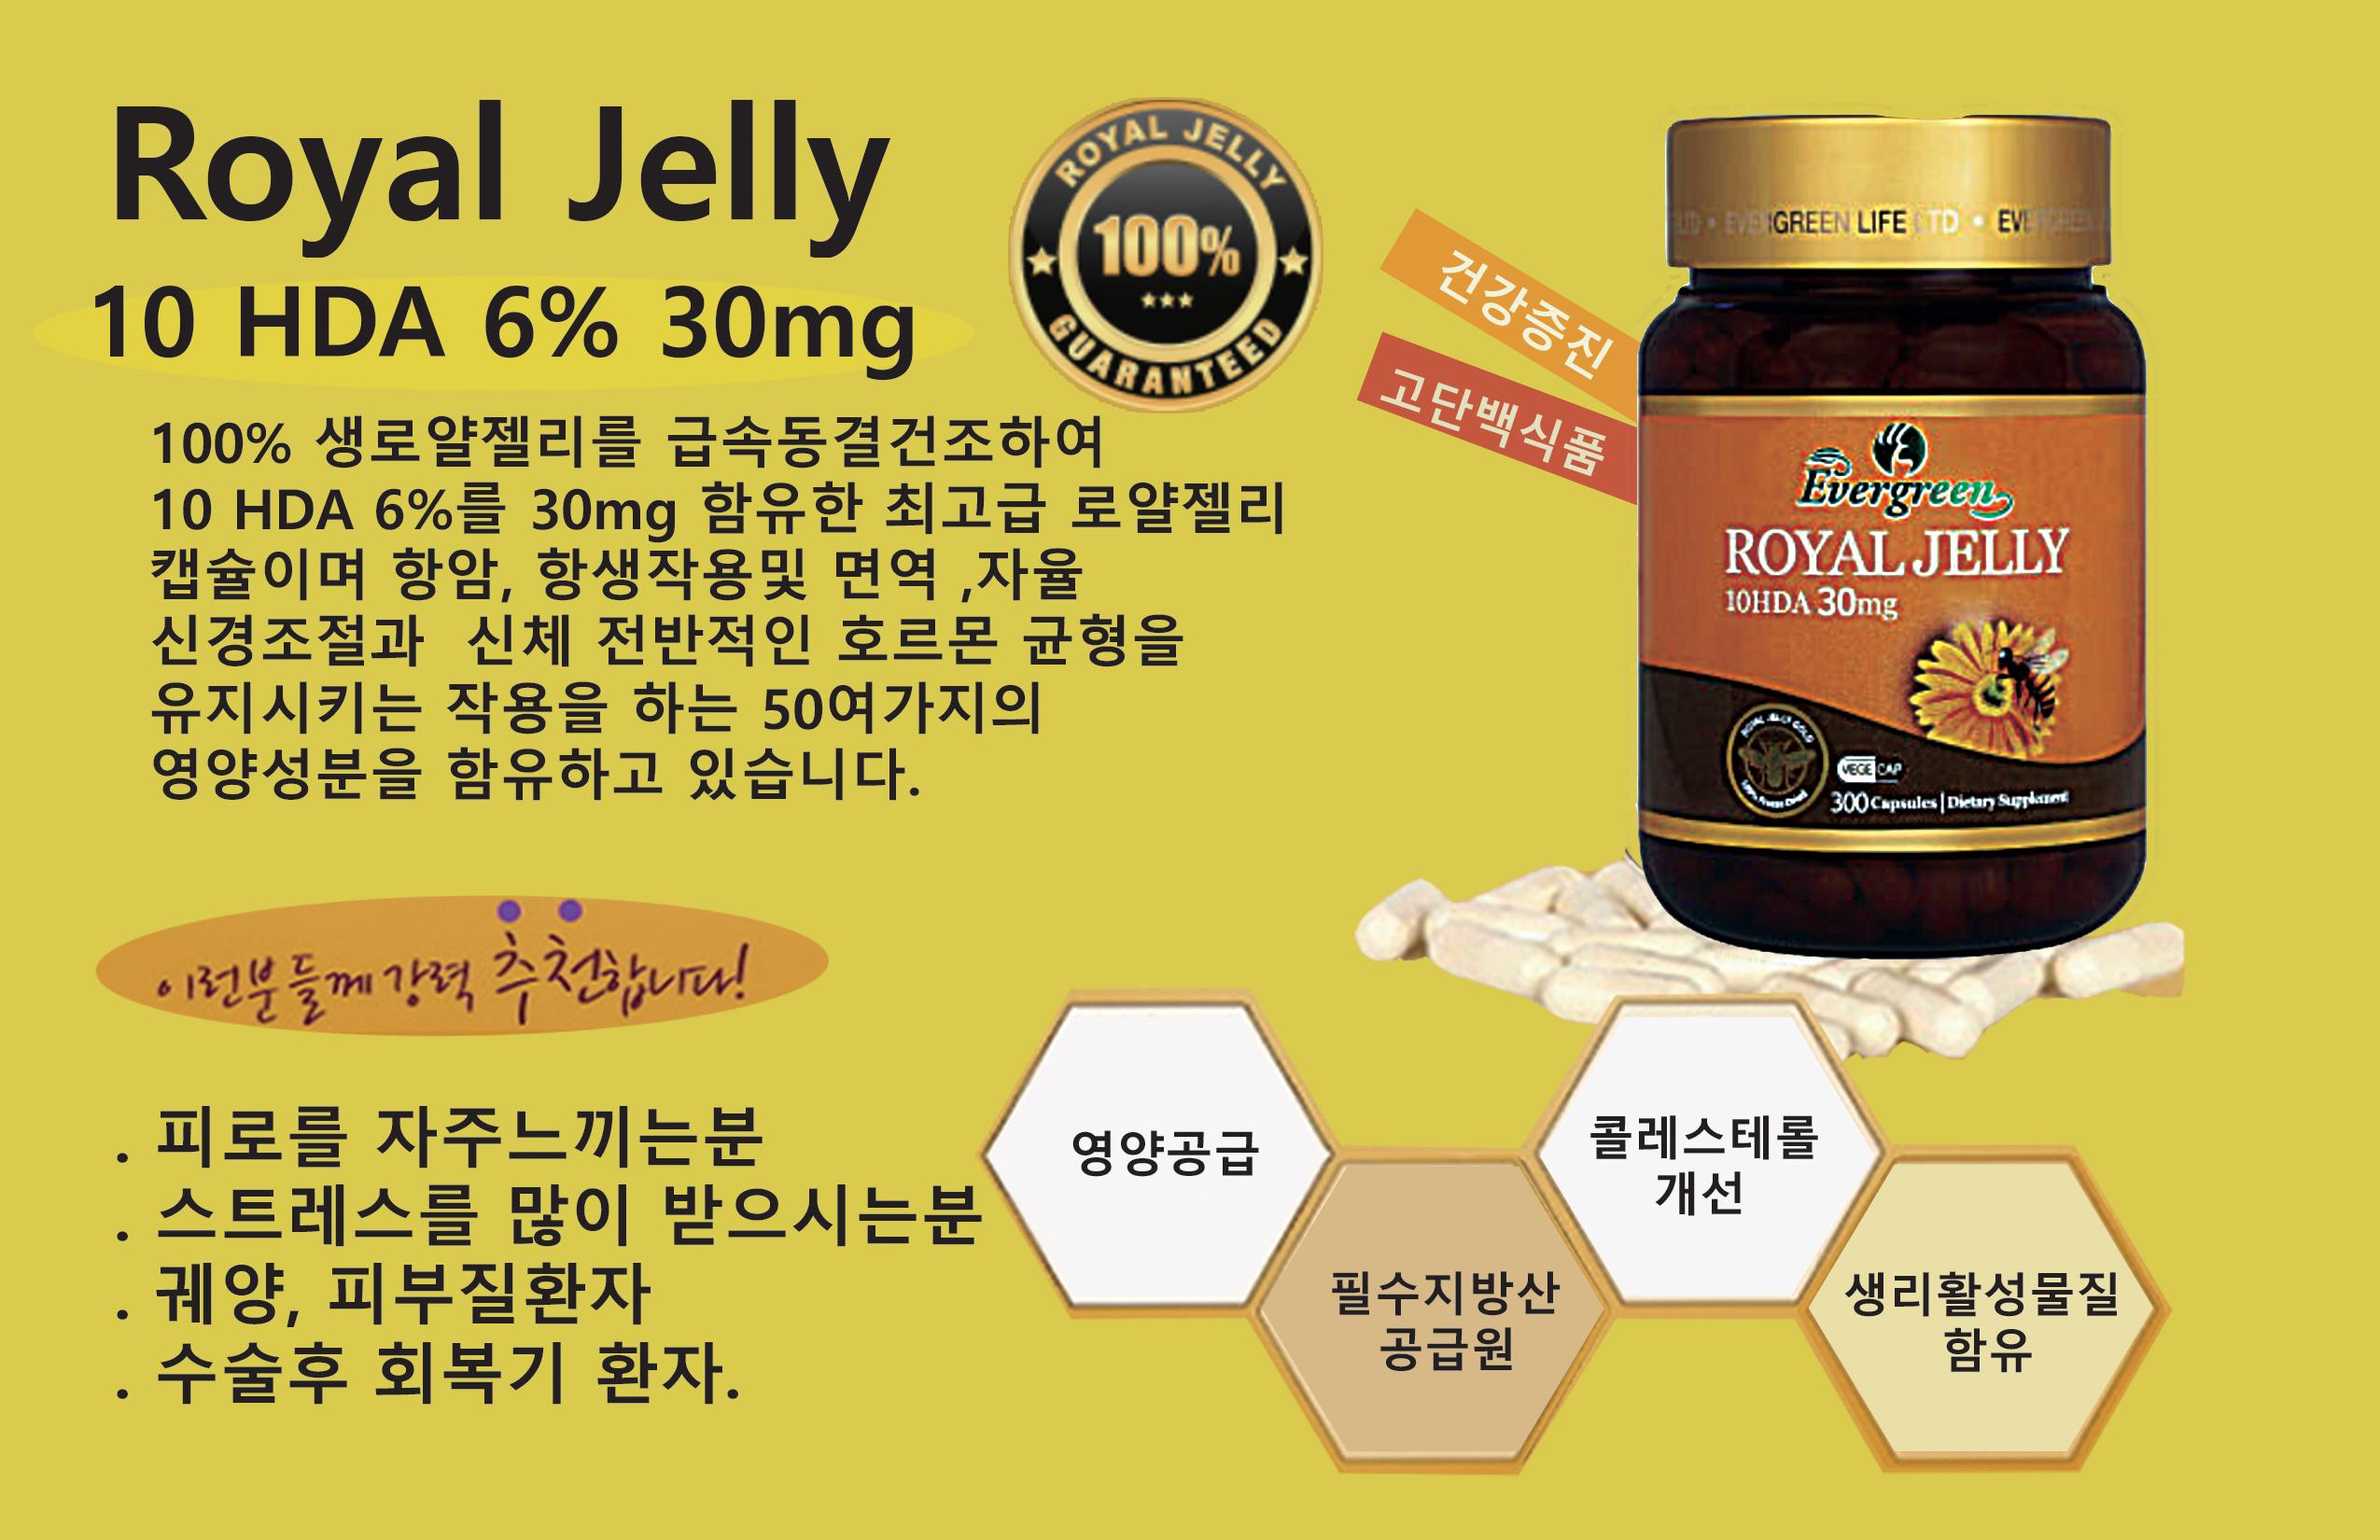 Royal Jelly 10HDA 30mg 300 Caps